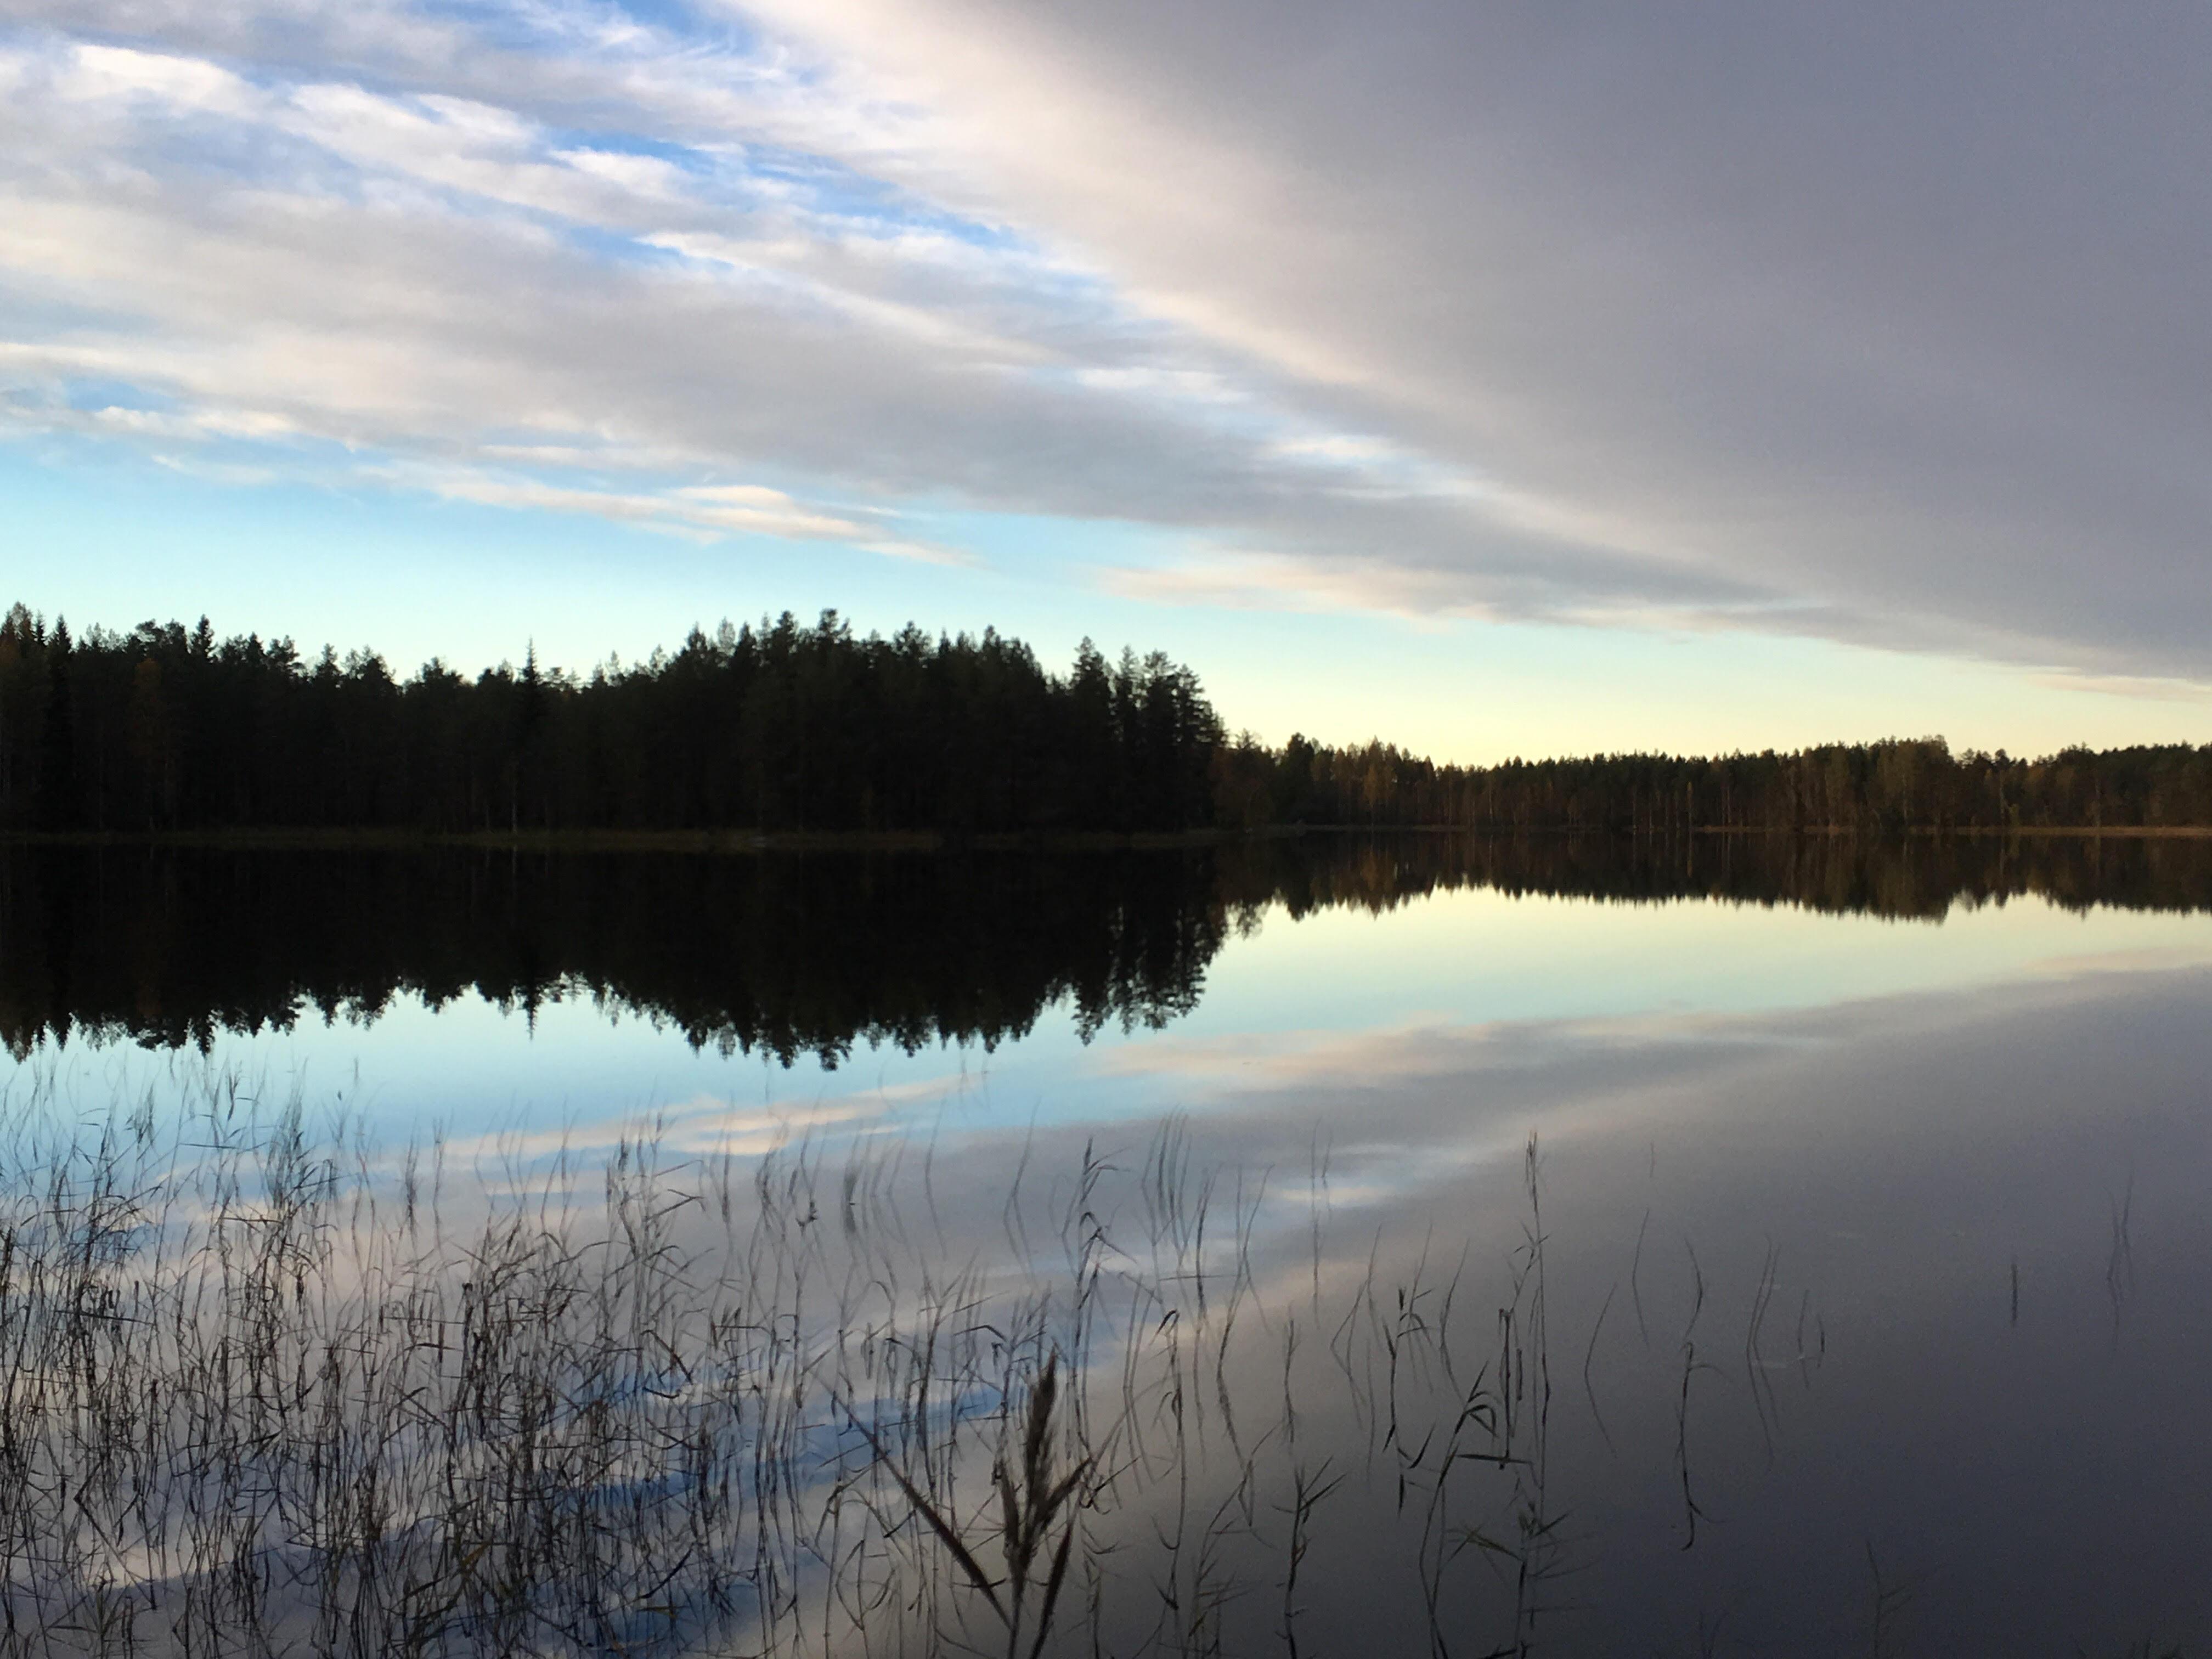 Небо в отражении (фото с телефона)